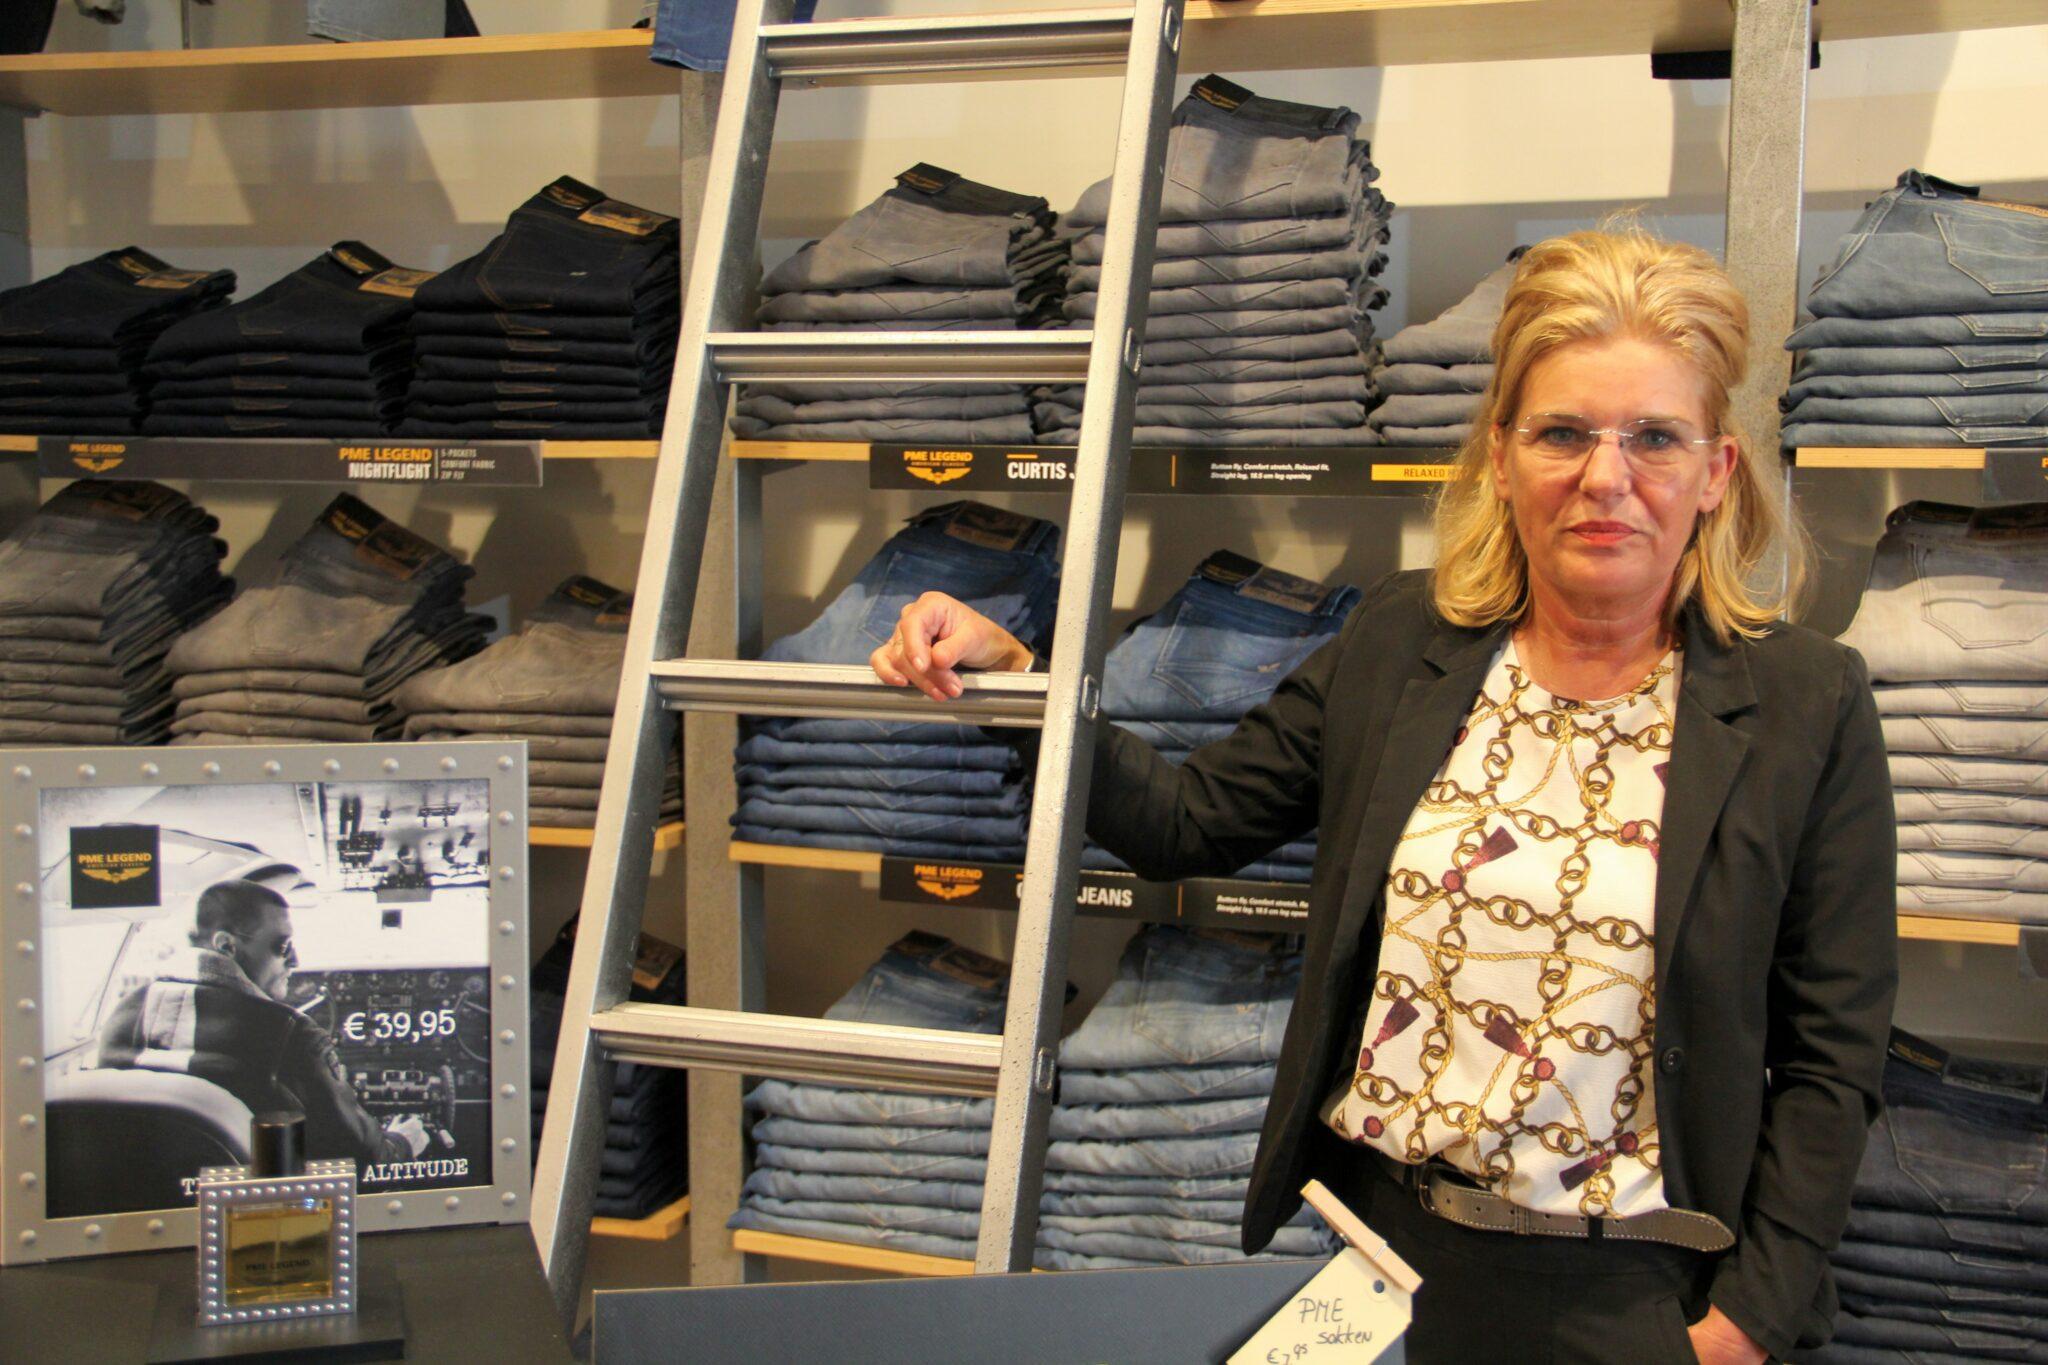 Karin - Peoples - kledingzaak -vierkantje -mode - kleding